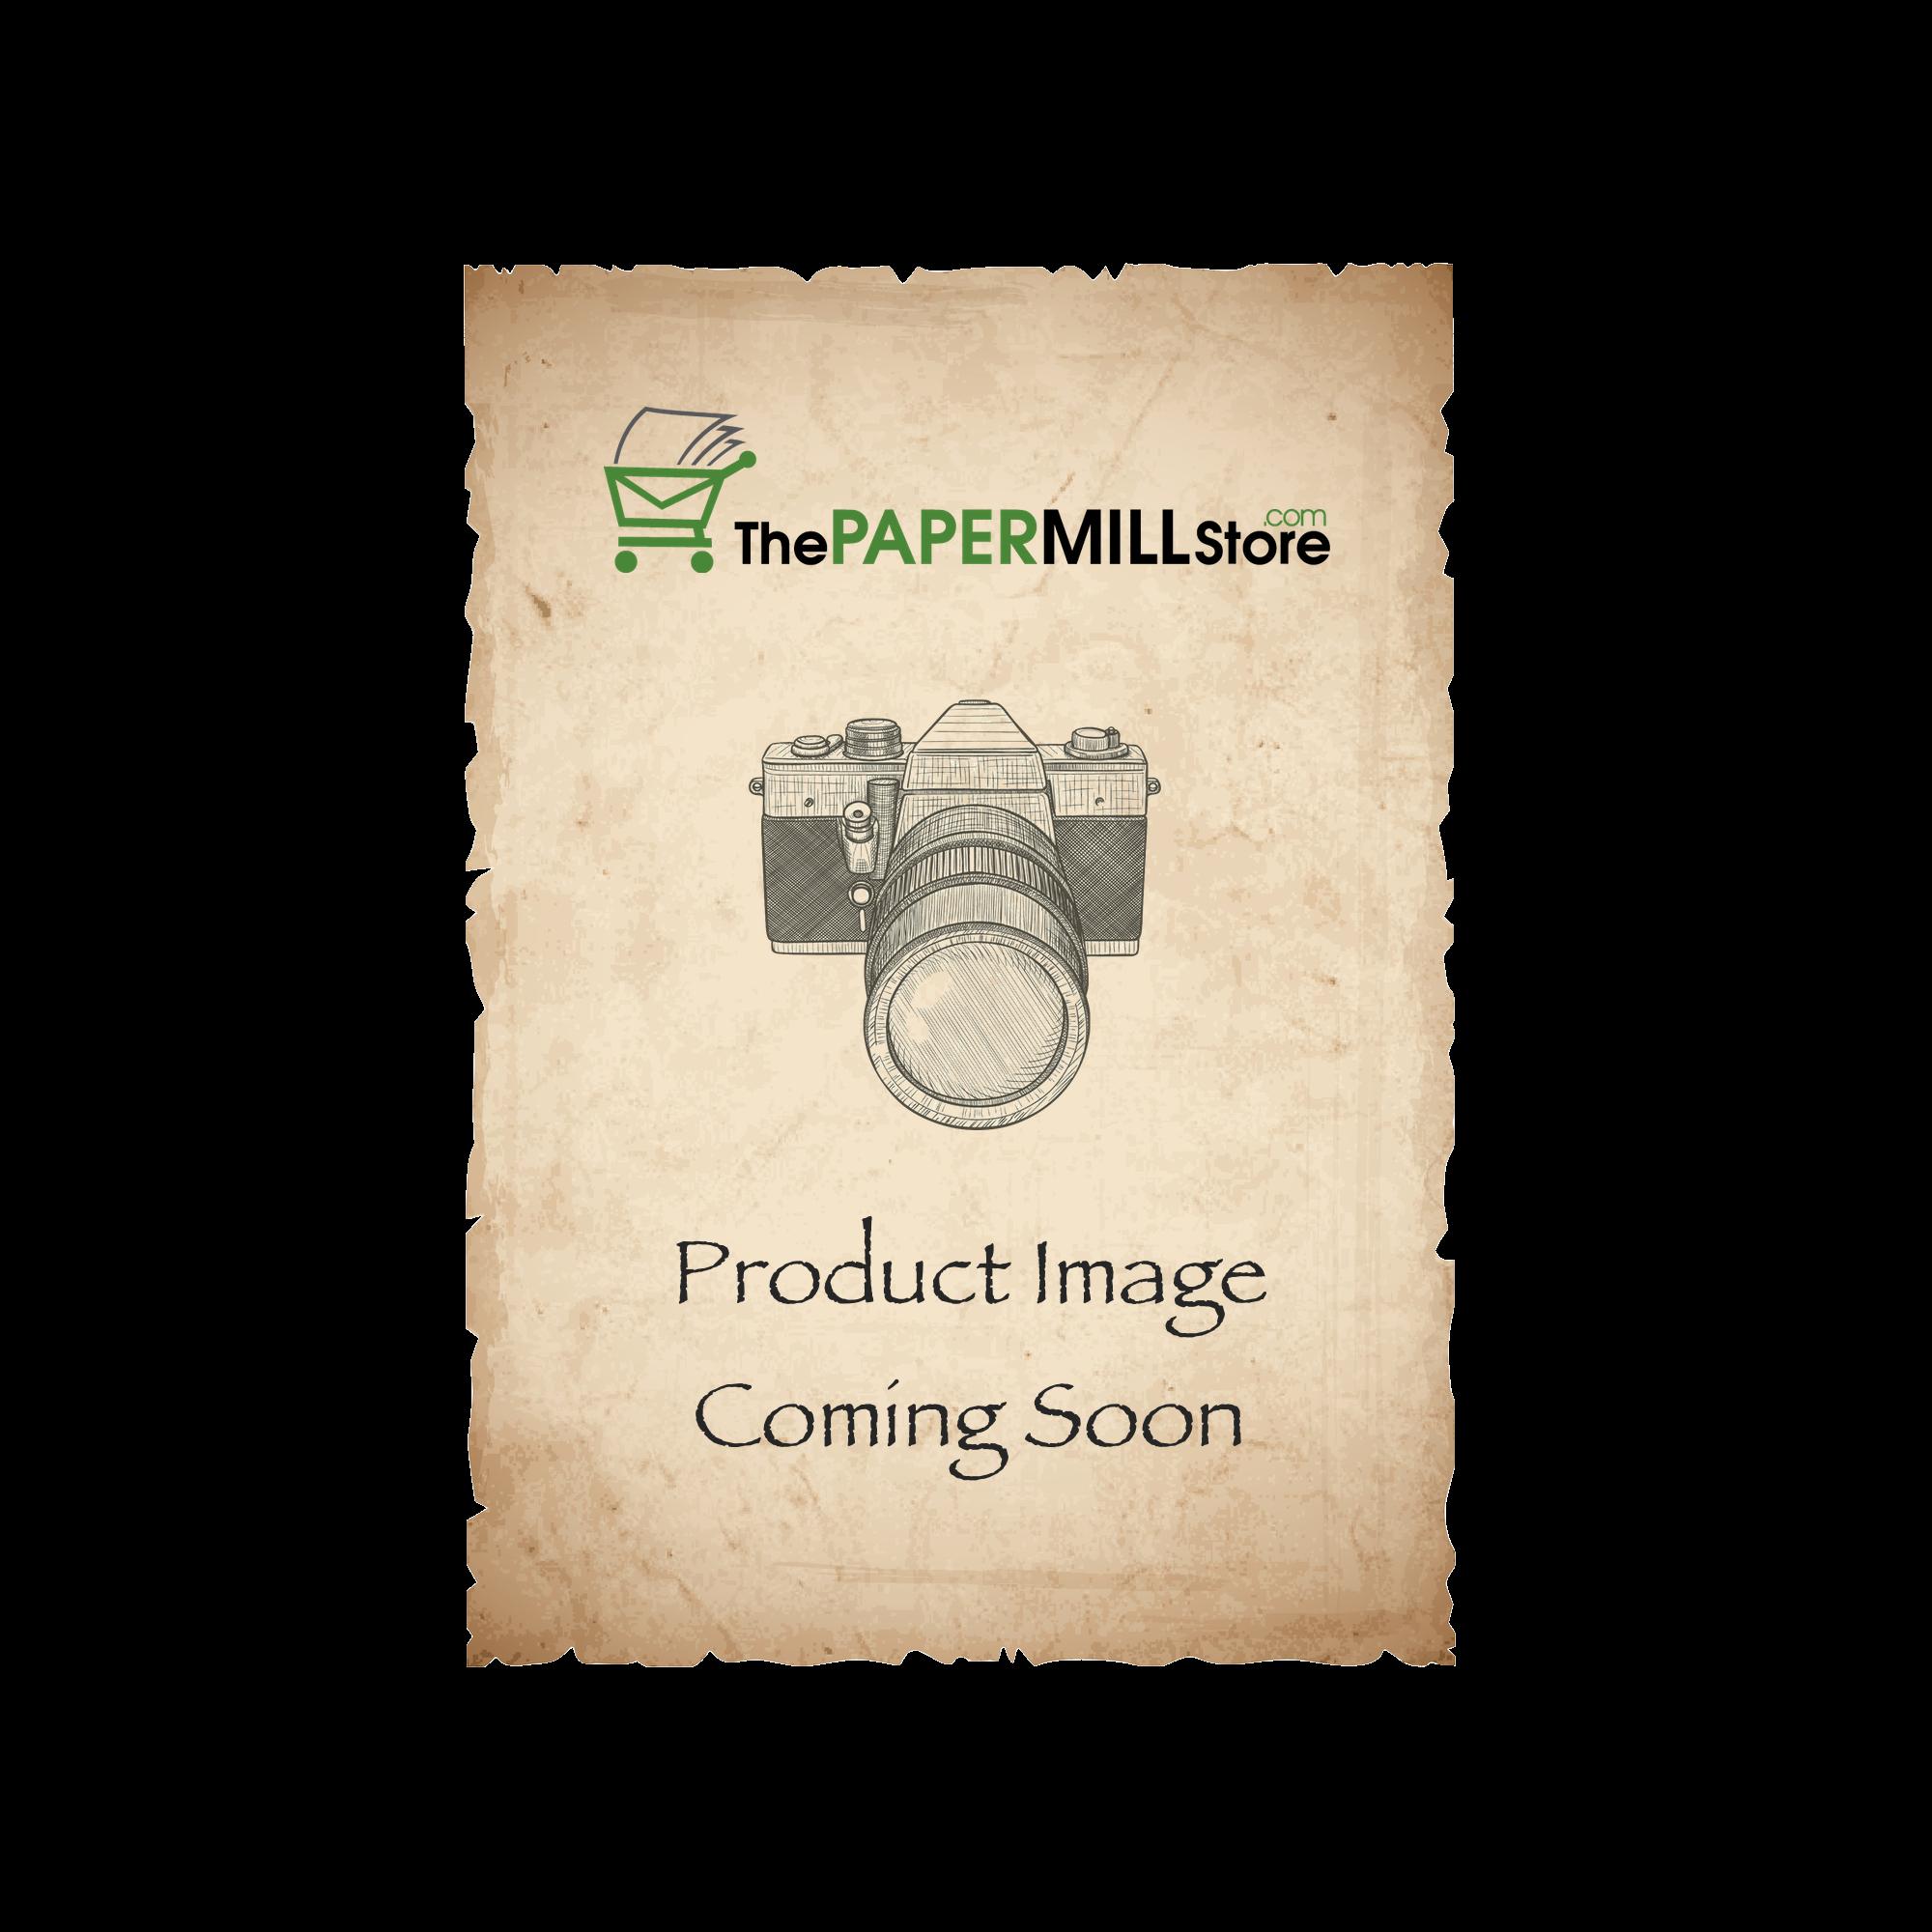 Canaletto Grana Grossa Premium White Card Stock - 27 1/2 x 39 3/8 in 111 lb Cover Felt  20% Cotton 50 per Package